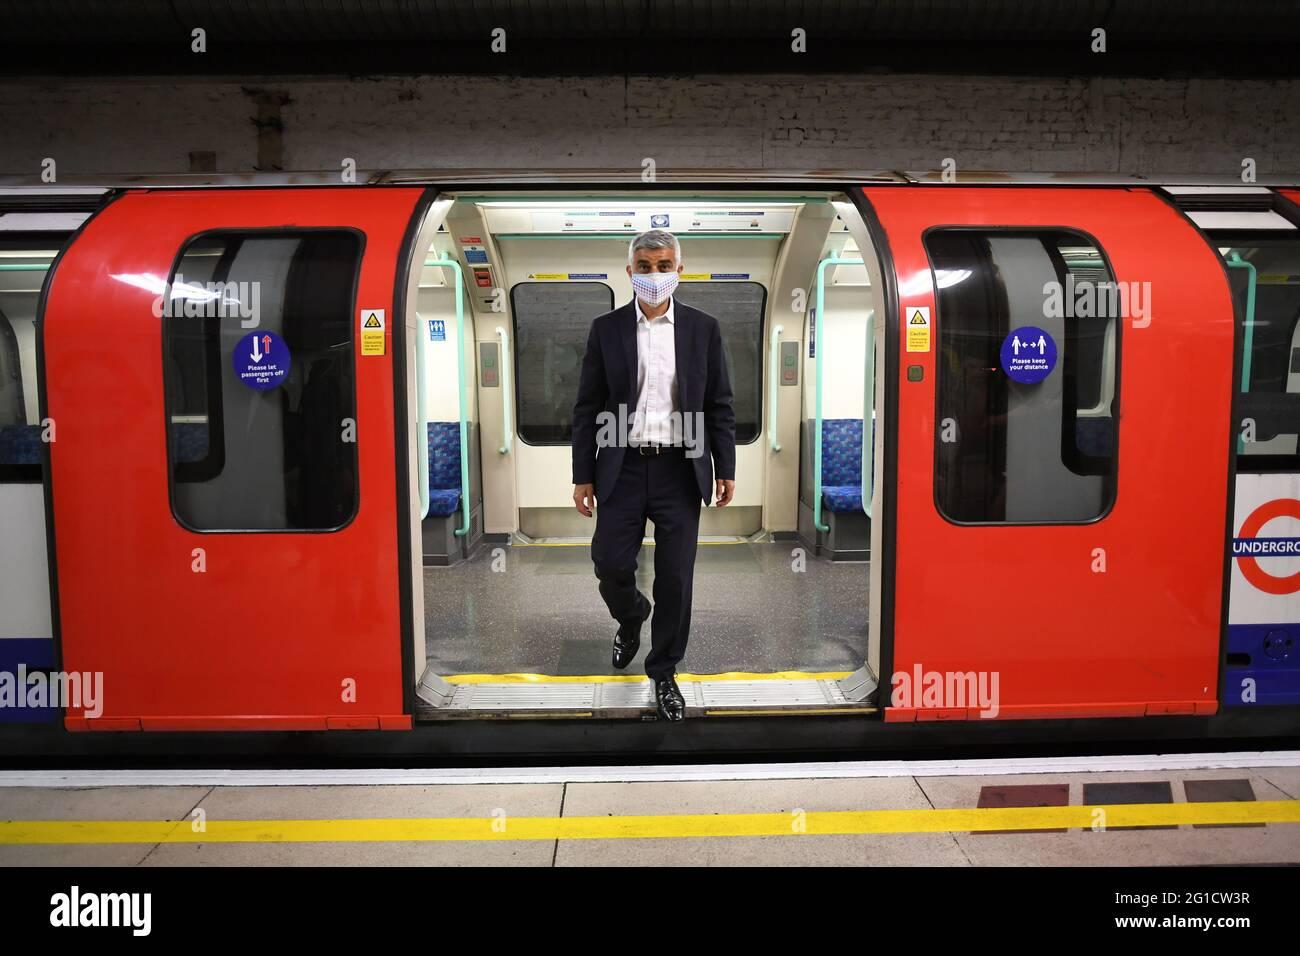 Sadiq Khan, der Bürgermeister von London, kommt mit einem U-Bahn-Zug am Londoner Bahnhof Waterloo an, um die U-Bahn-Linie Waterloo und City zum ersten Mal seit Beginn der Pandemie wieder zu eröffnen. Die wichtige Londoner Pendlerverbindung, die die Bahnhöfe Waterloo und Bank im Zentrum der Hauptstadt verbindet, wurde im März 2020 geschlossen. Bilddatum: Montag, 7. Juni 2021. Stockfoto